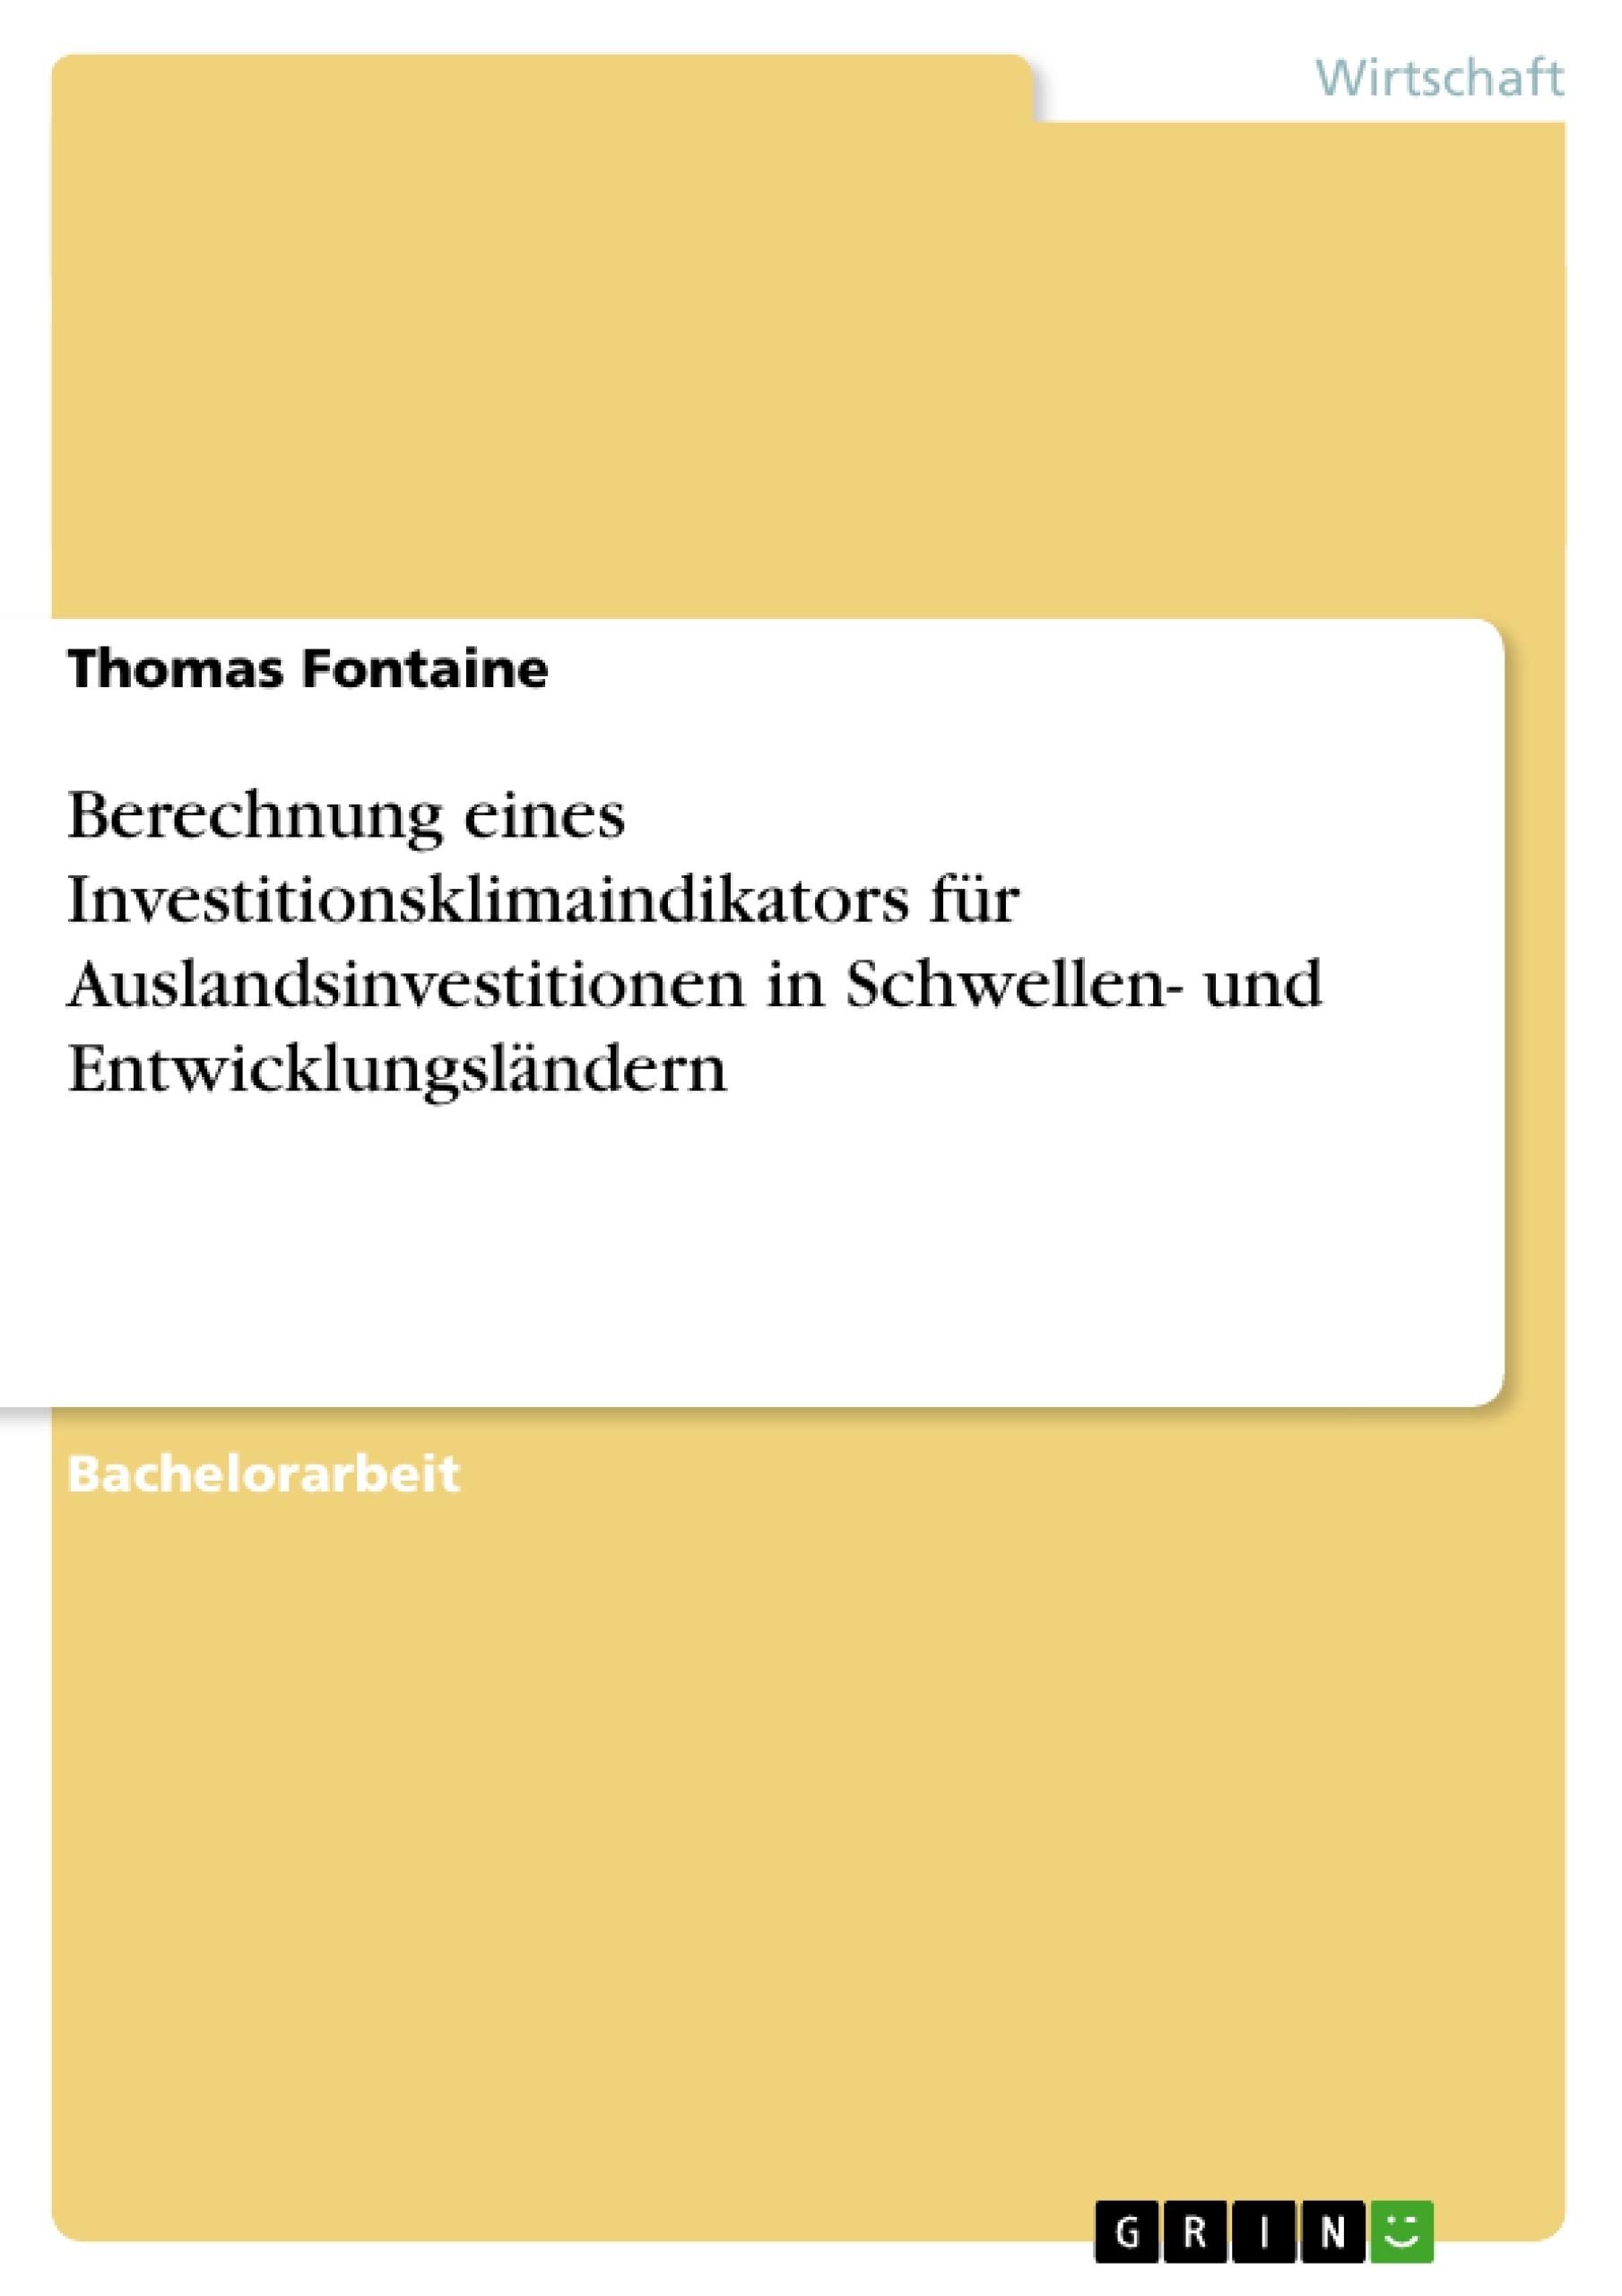 Titel: Berechnung eines Investitionsklimaindikators für Auslandsinvestitionen in Schwellen- und Entwicklungsländern